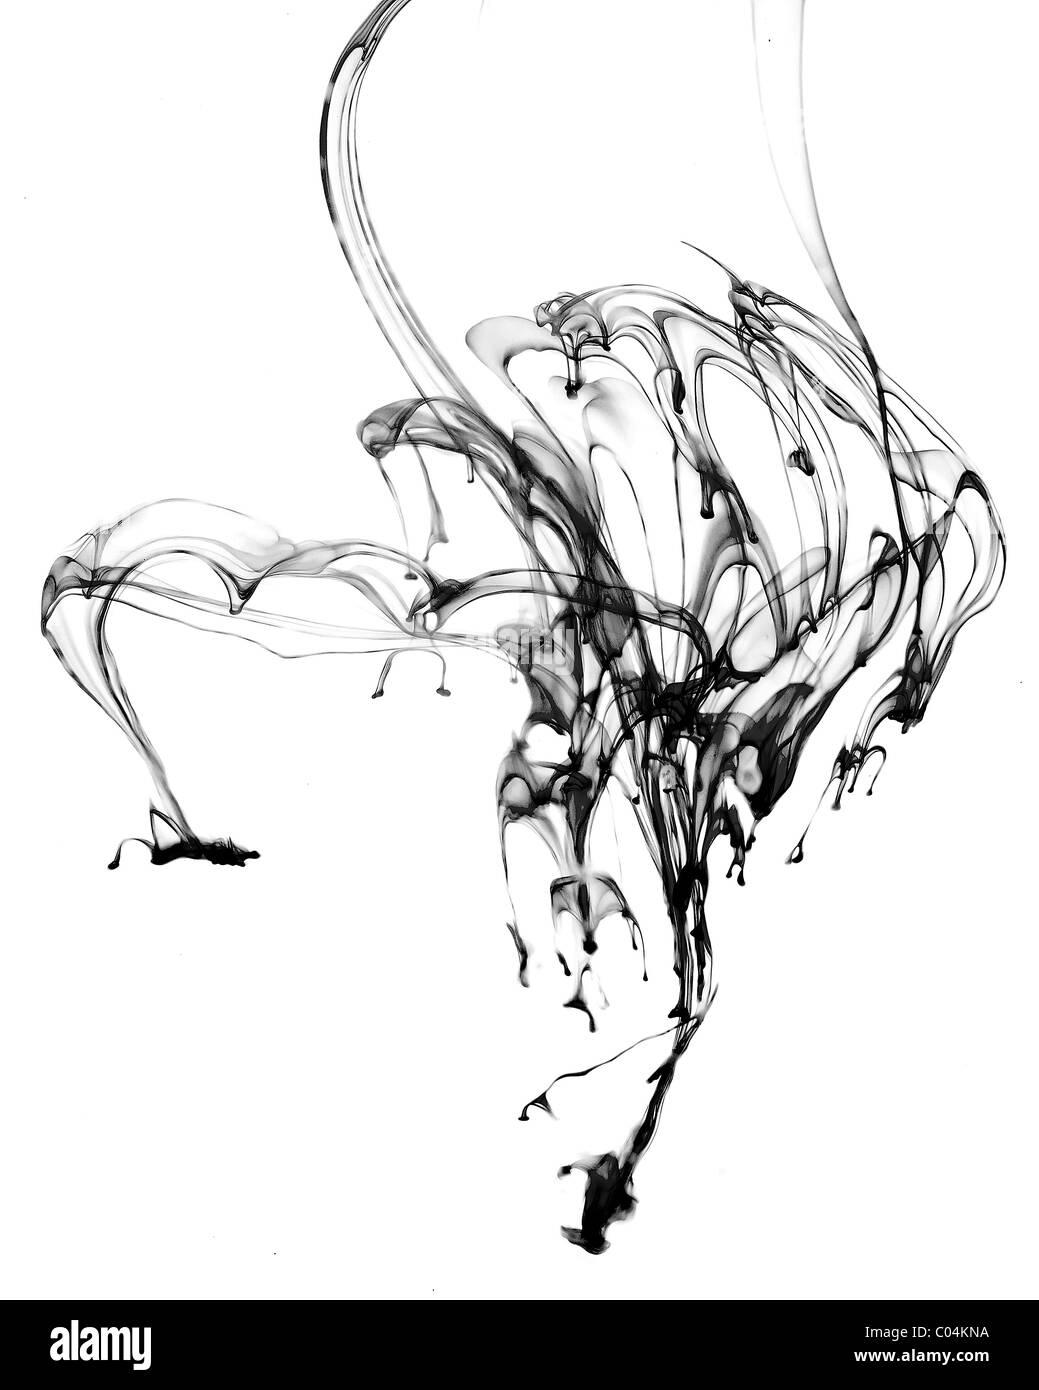 Submarino de tinta en blanco y negro Imagen De Stock